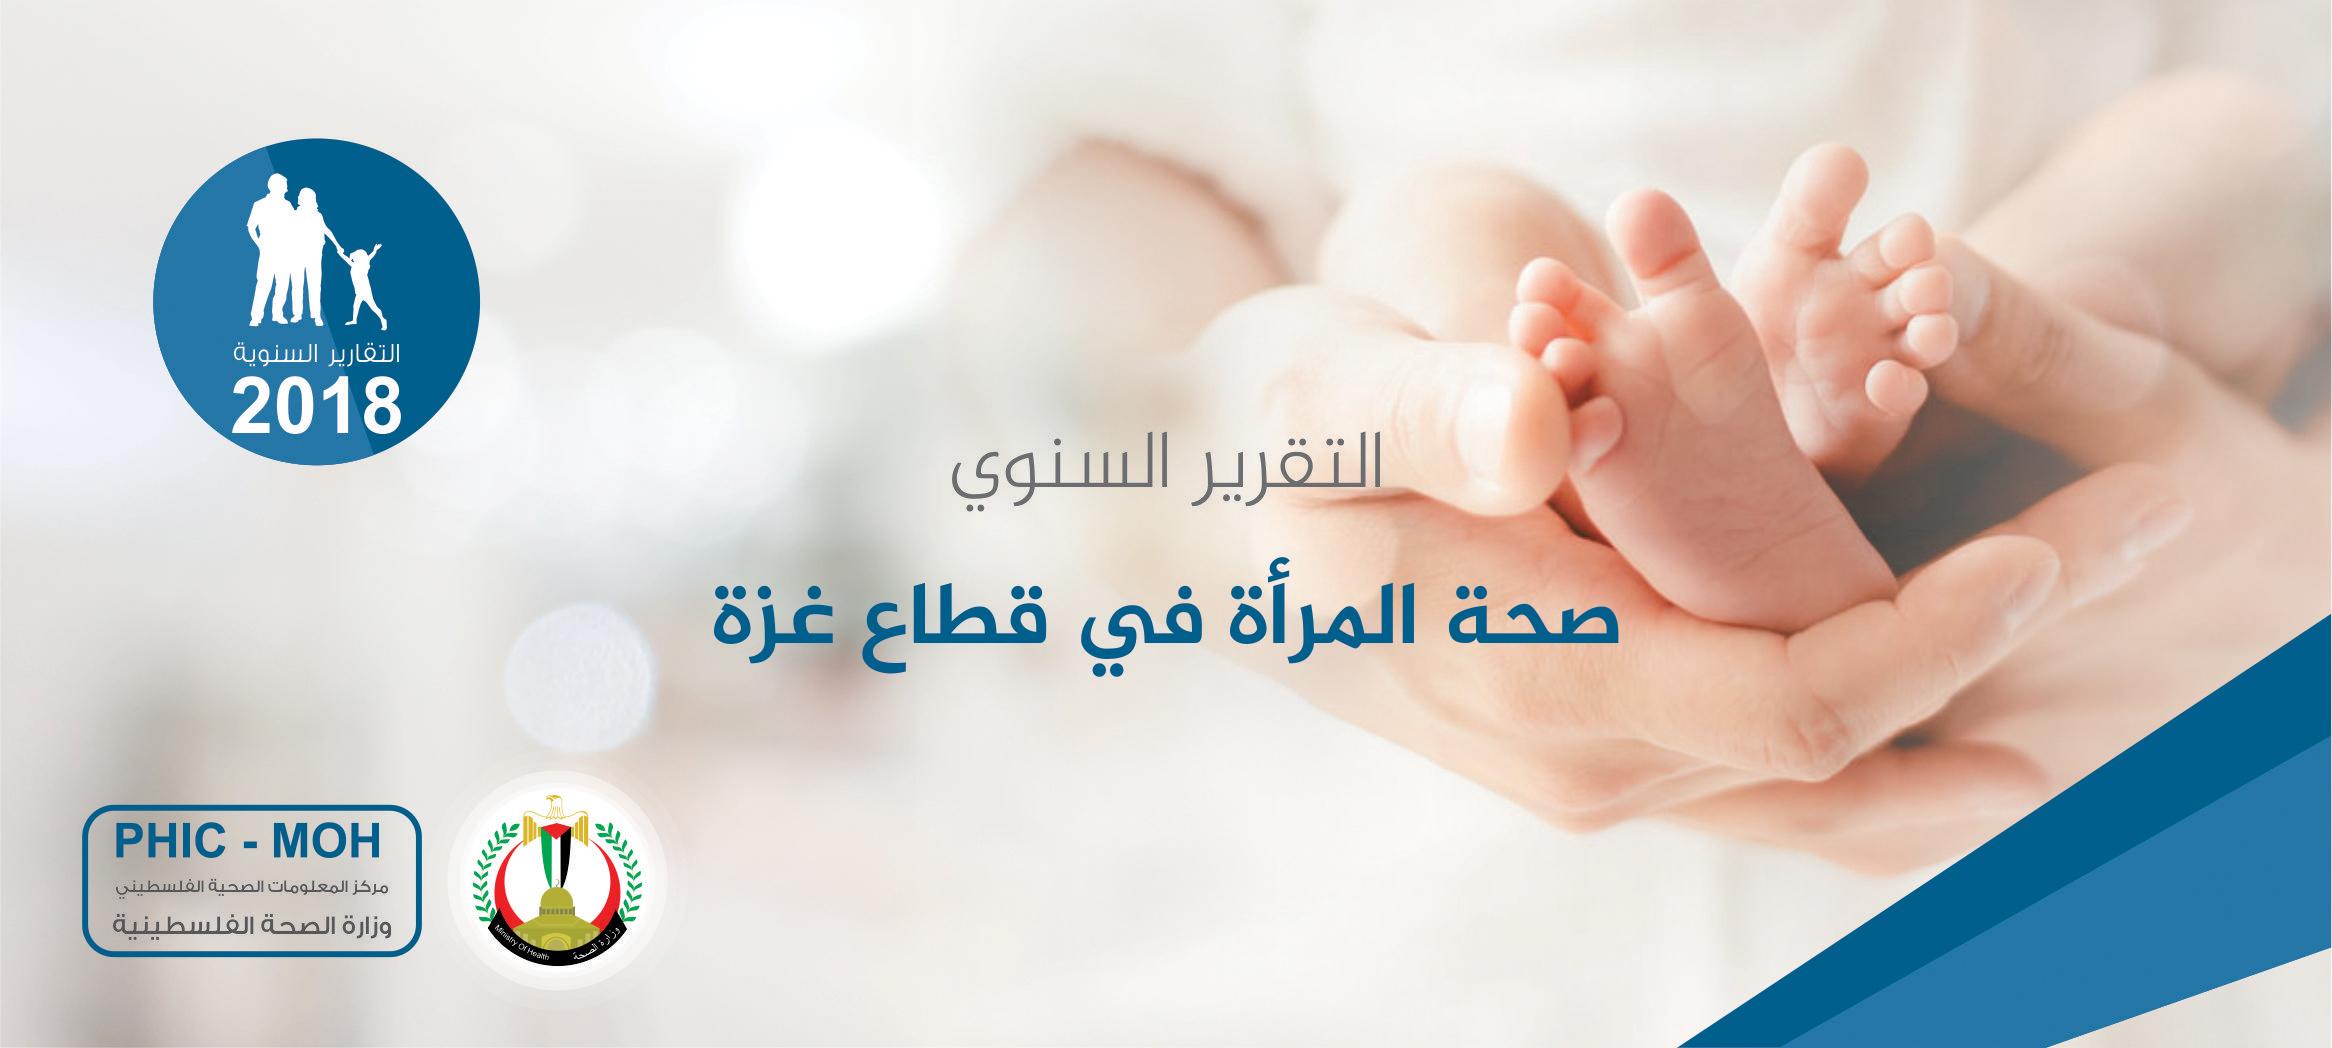 التقرير السنوي لصحة المرأة 2018 وزارة الصحة غزة